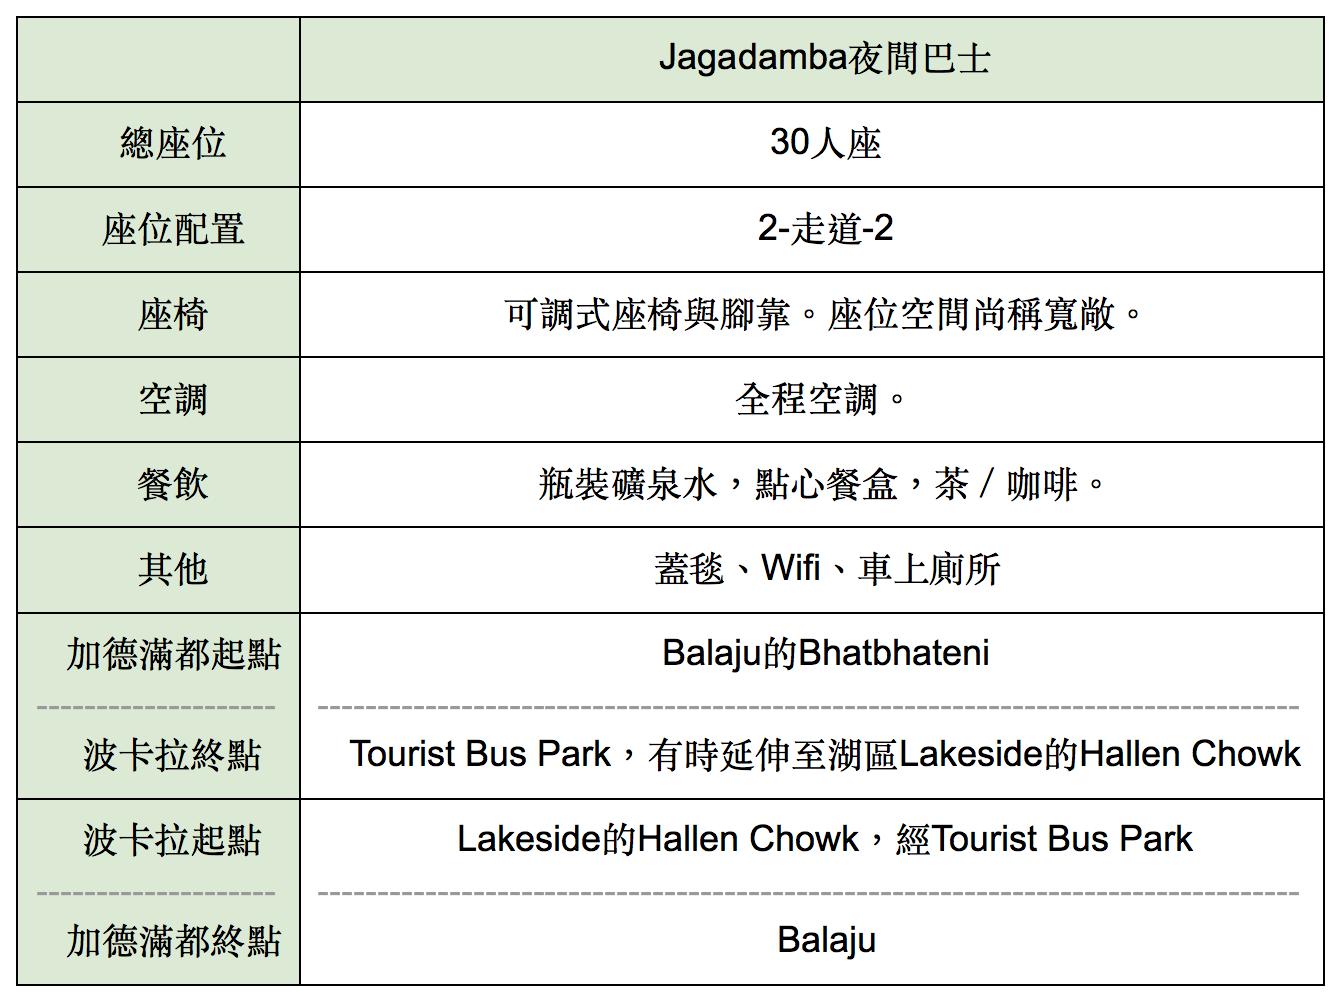 180626 Jagadamba-Chart 2